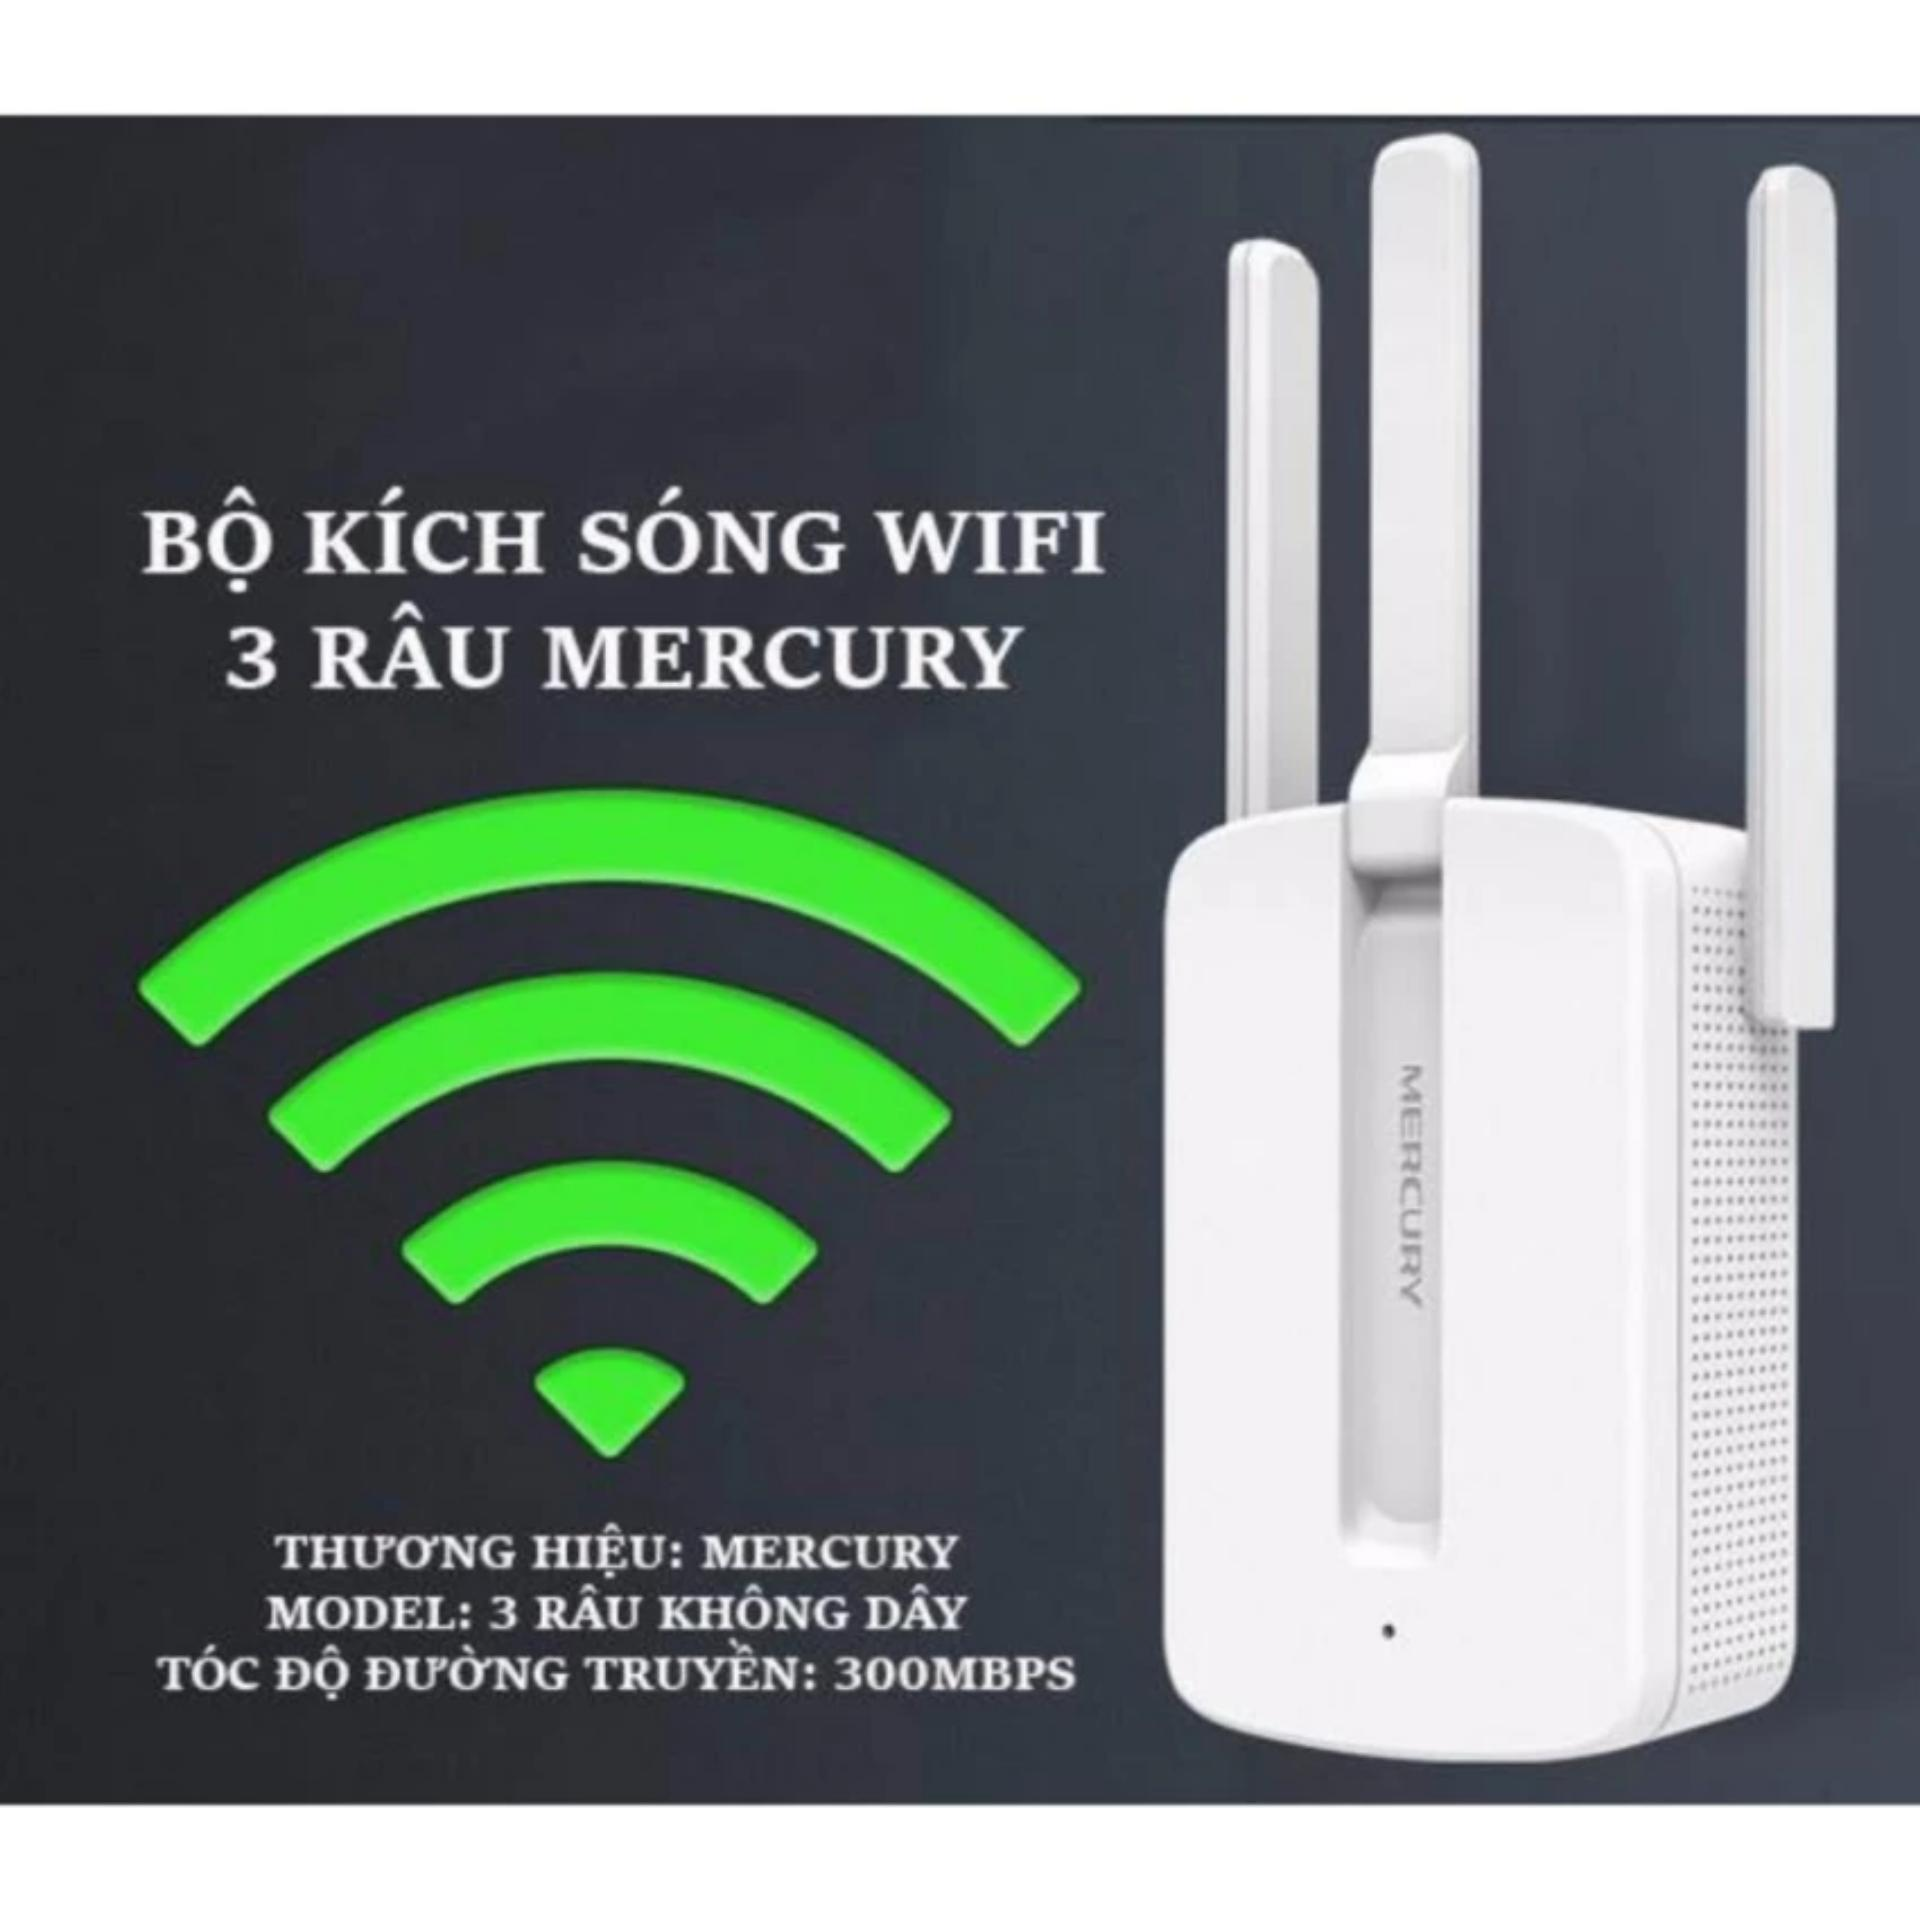 So sánh giá Bộ kích sóng wifi 3 râu Mercury (wireless 300Mbps) cực mạnh Tại Do Choi PC (Hà Nội)